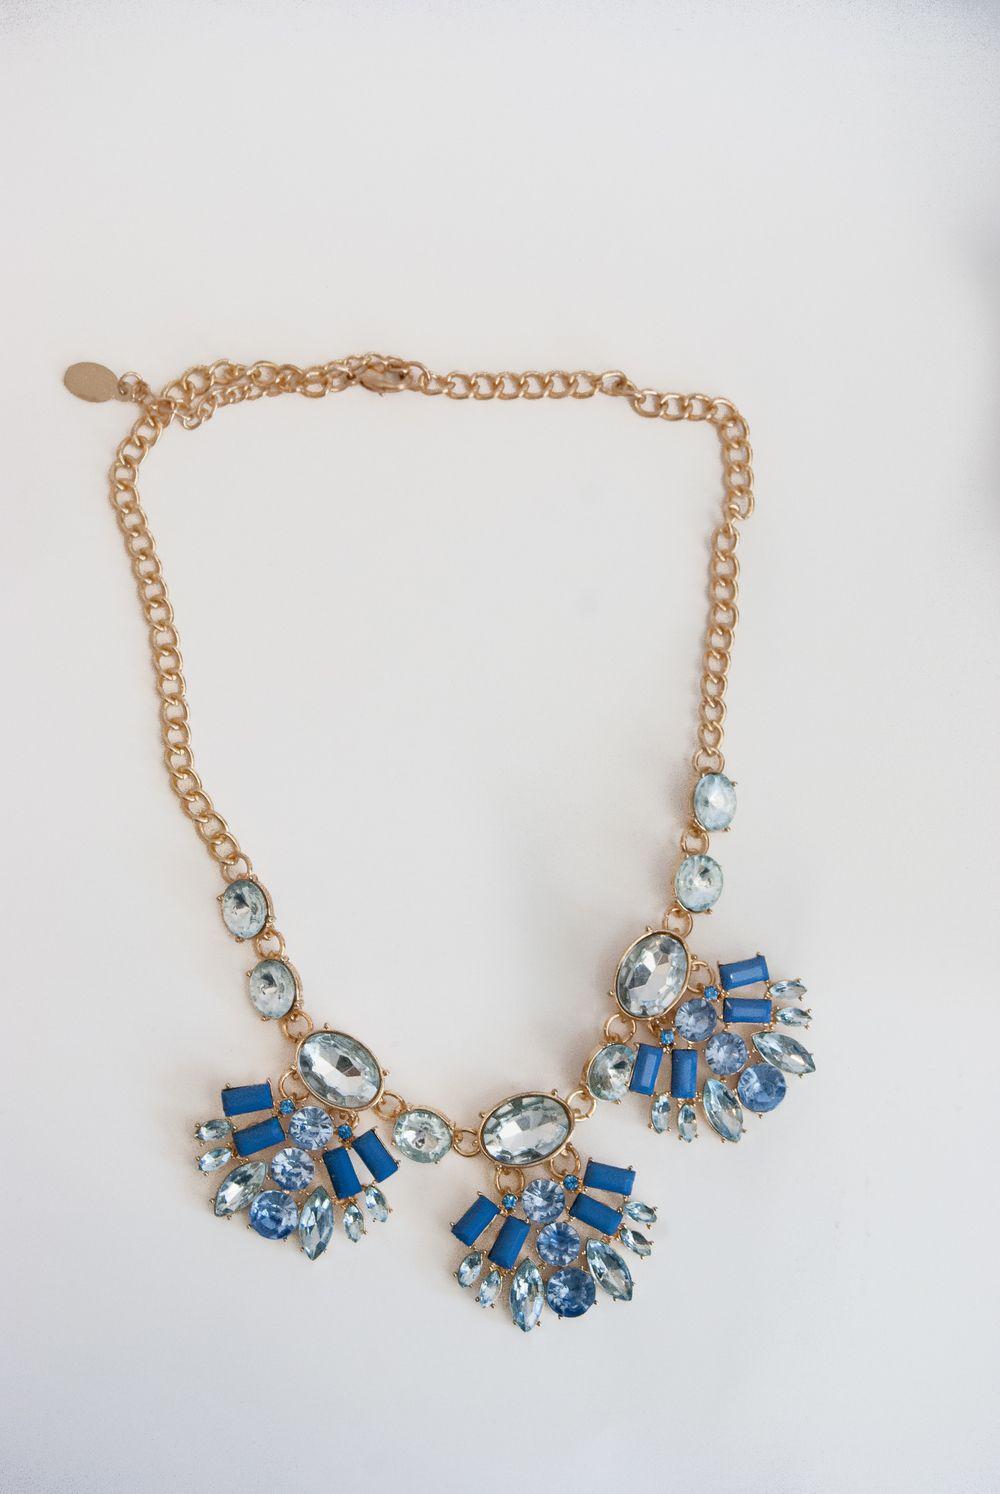 Jack E Ohs NYC Blue Gold Sparkler Necklace #kulasweet